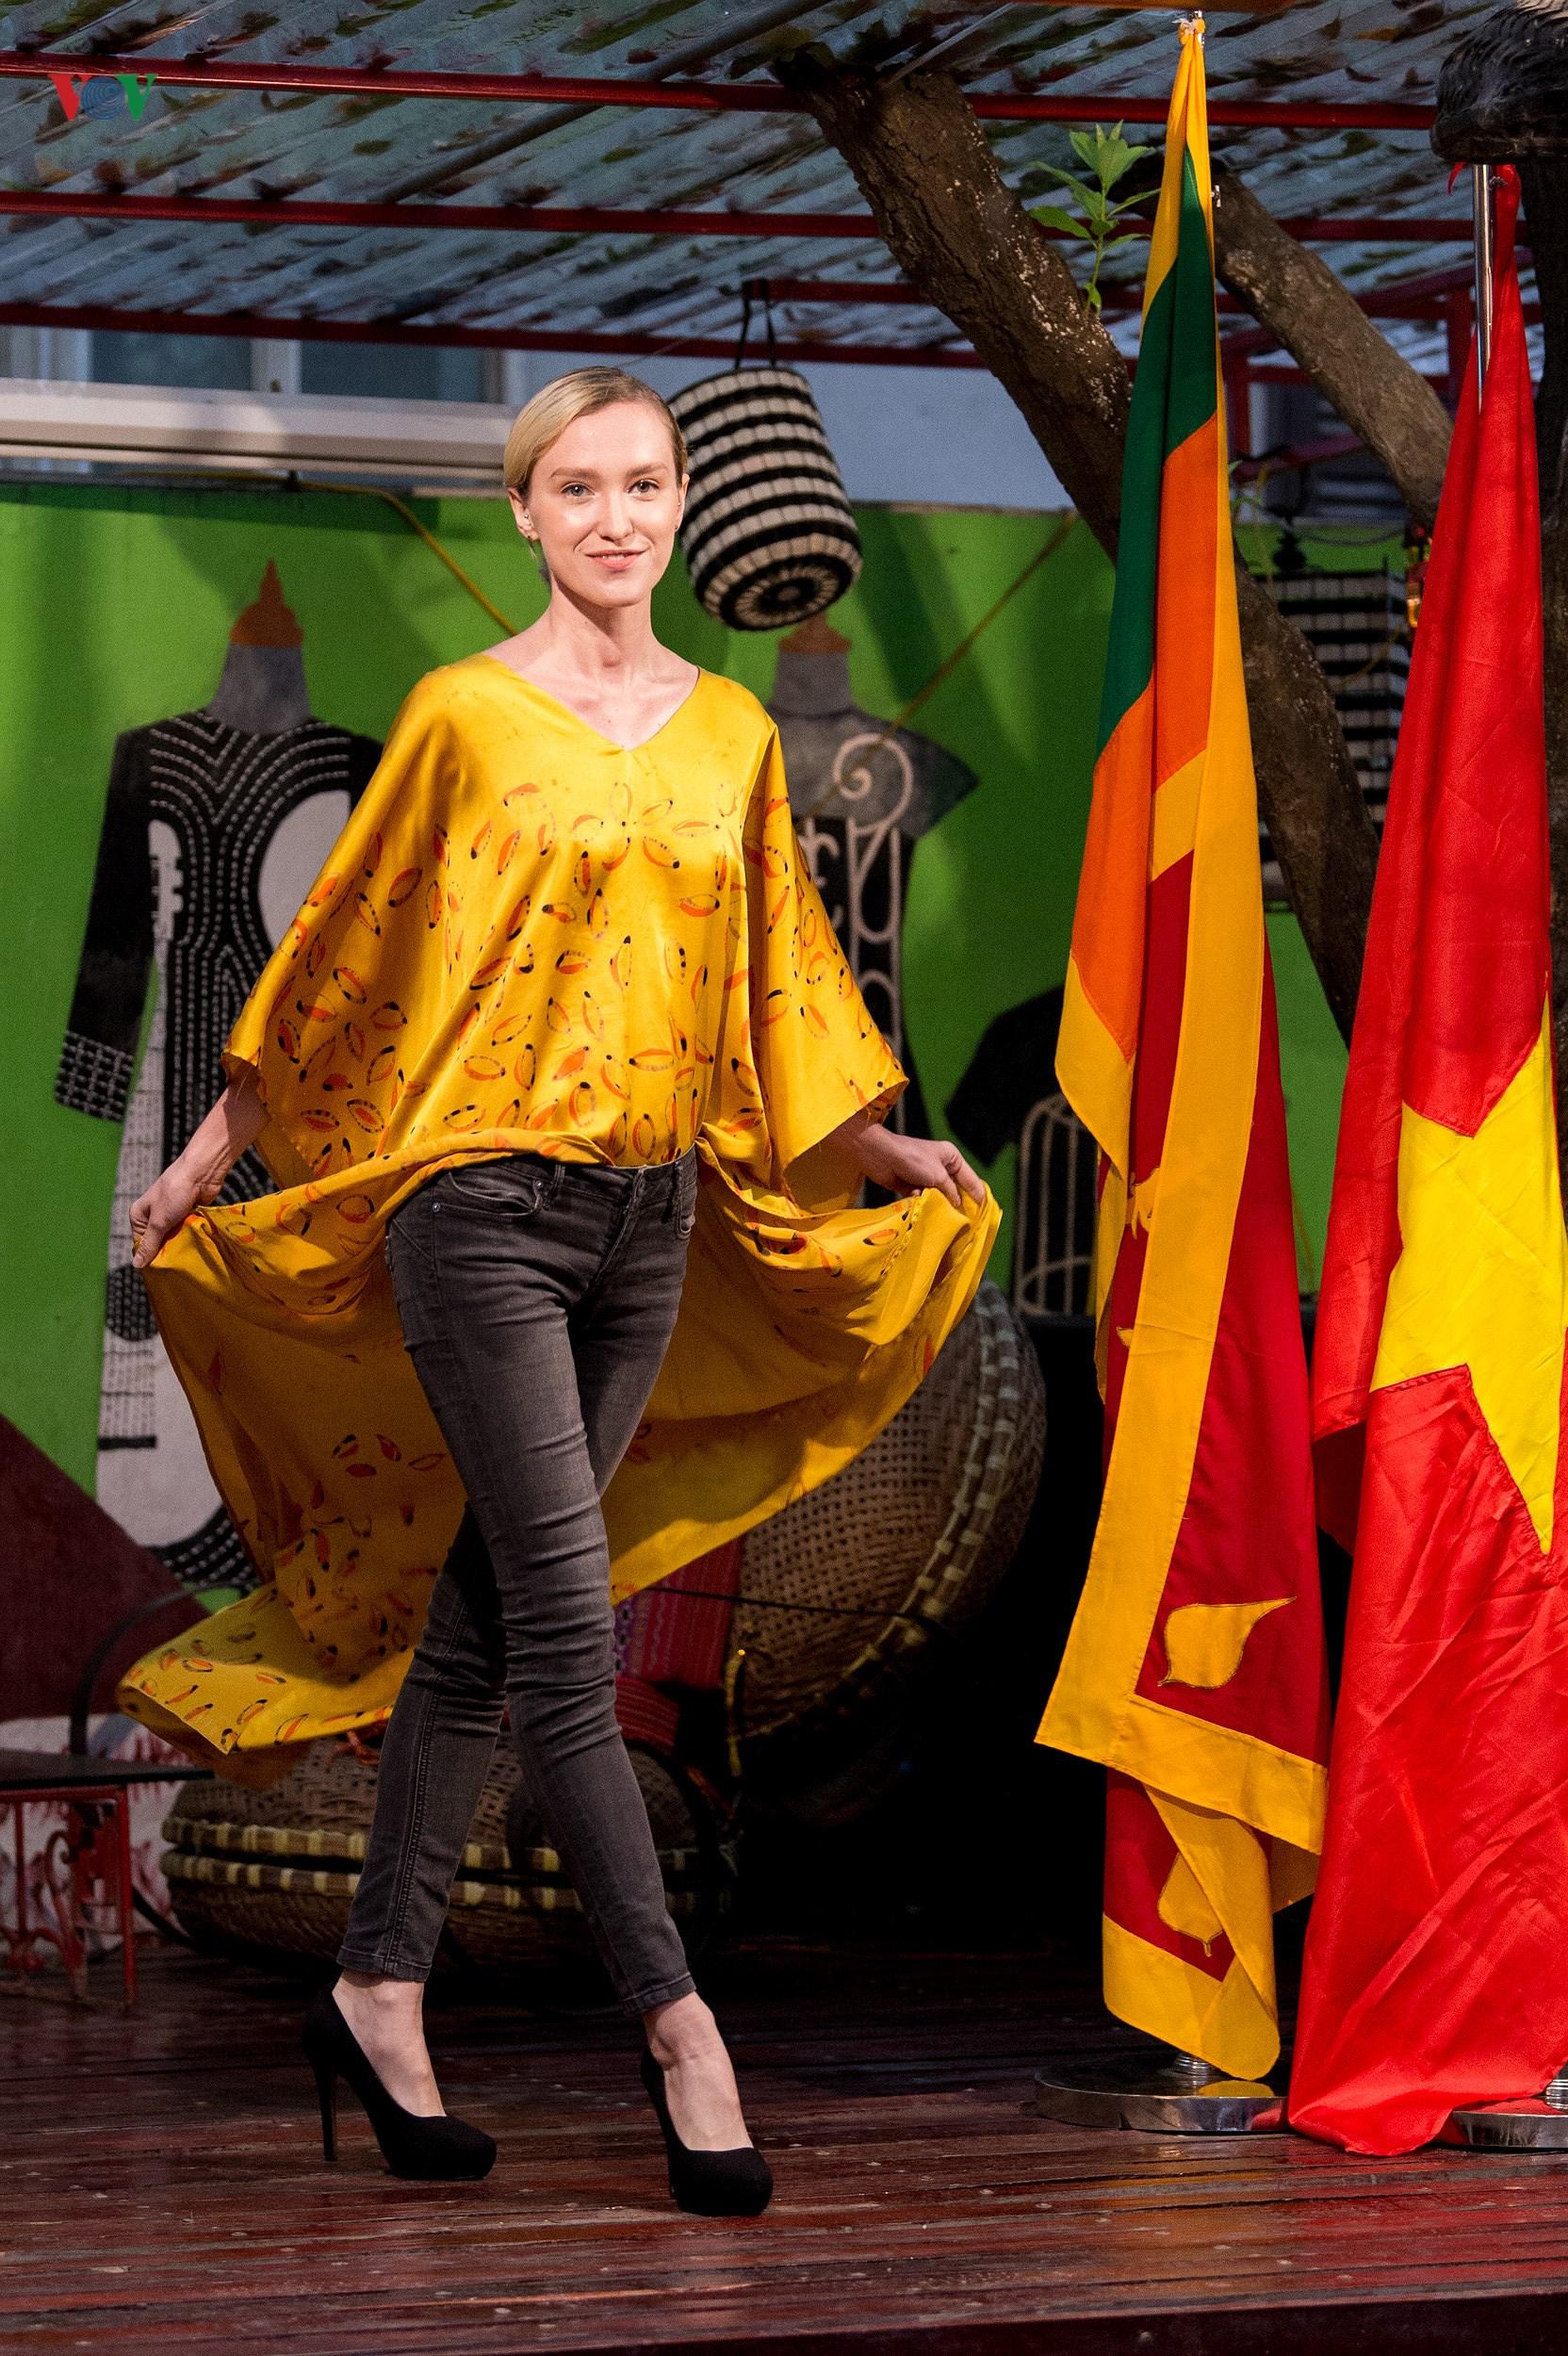 Chiêm ngưỡng bộ sưu tập thời trang đặc sắc của nhà thiết kế Sri Lanka Ảnh 4